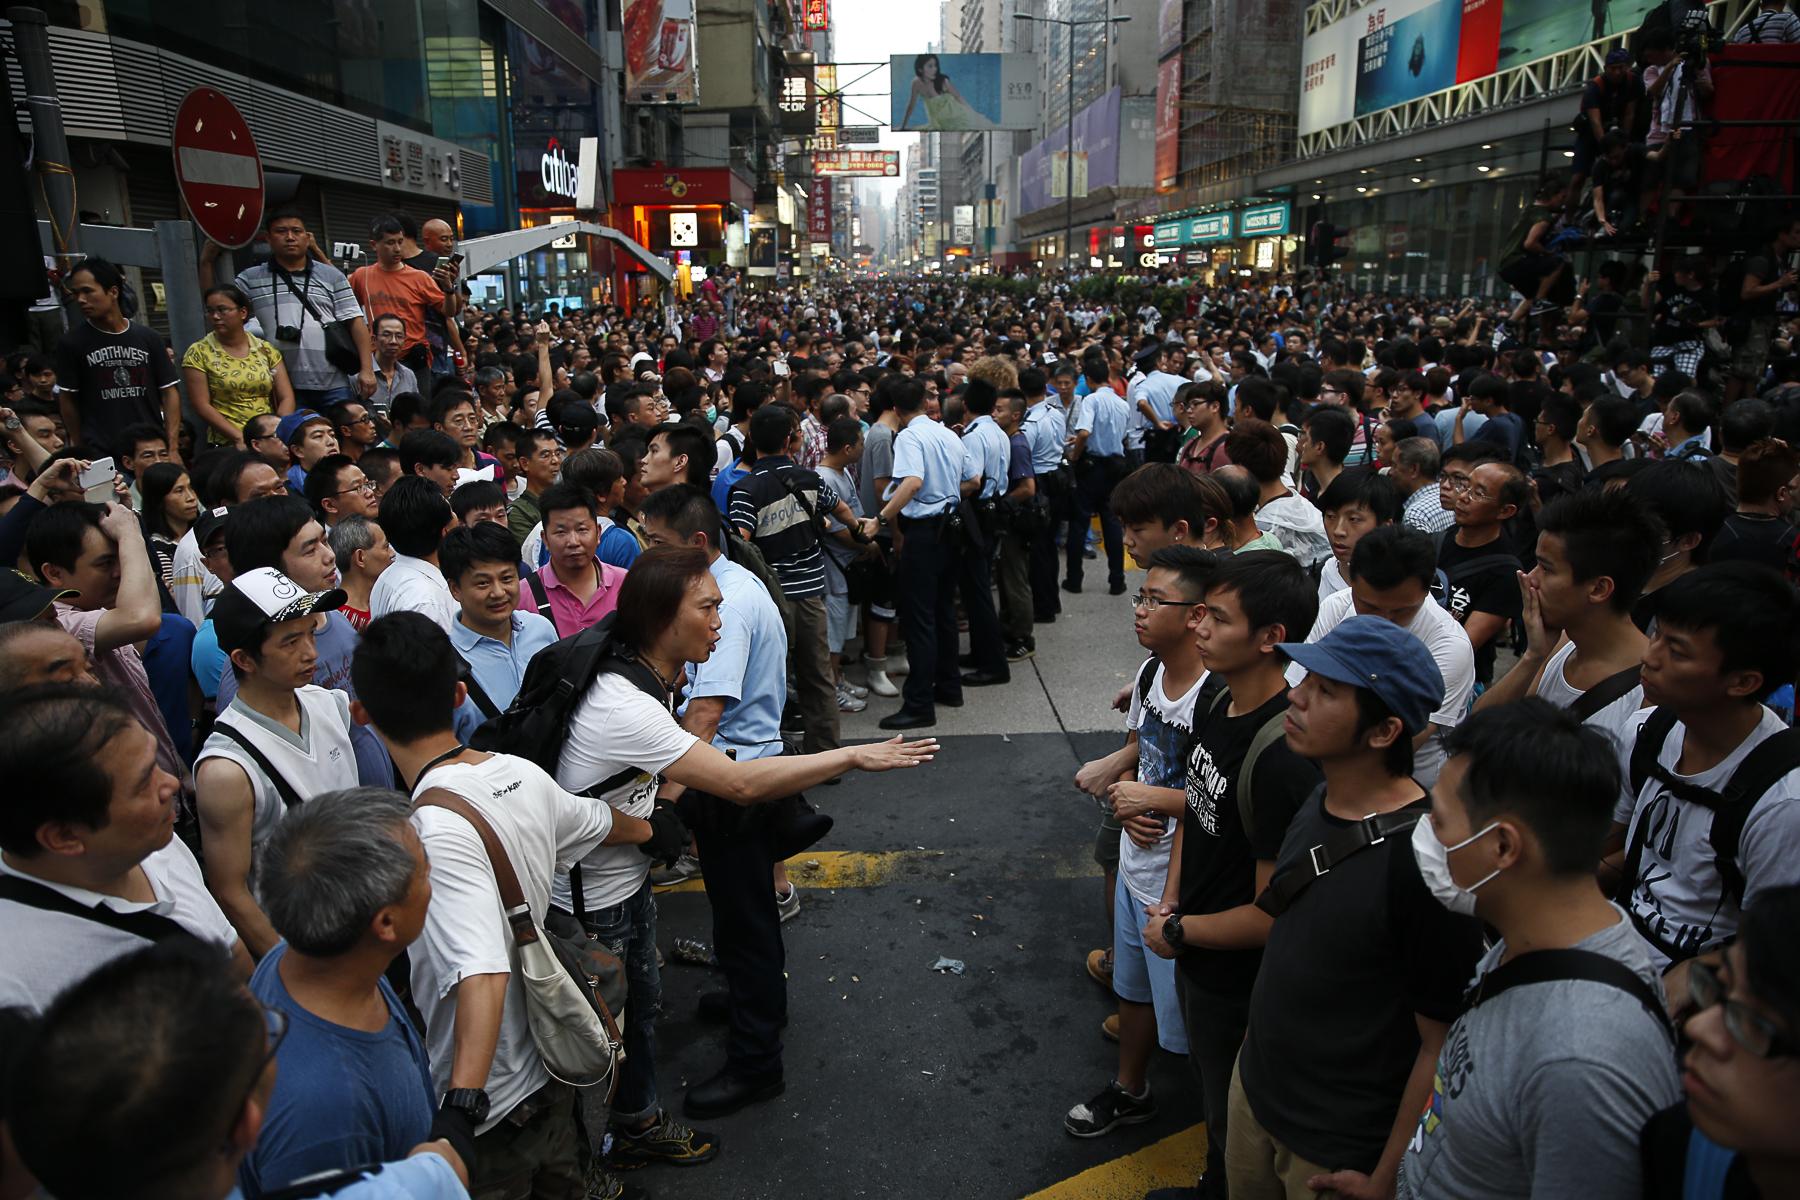 Manifestations pro-démocratique, le leader un étudiant de 17 ans Joshua Wong